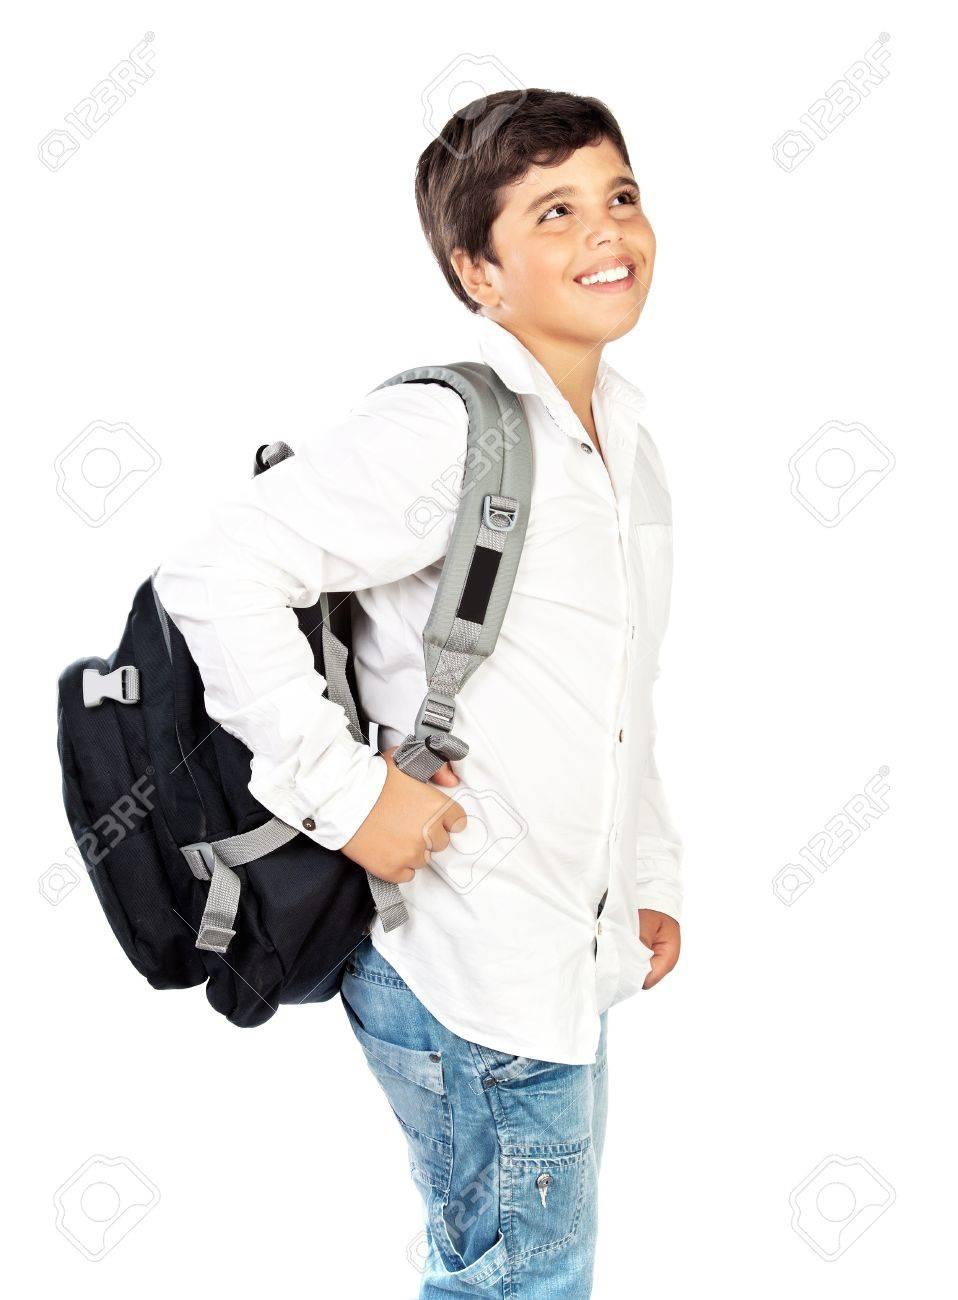 1d8167e8bc3 Feliz colegial poco sonriente, hermoso niño preadolescente aislado sobre  fondo blanco, los niños al